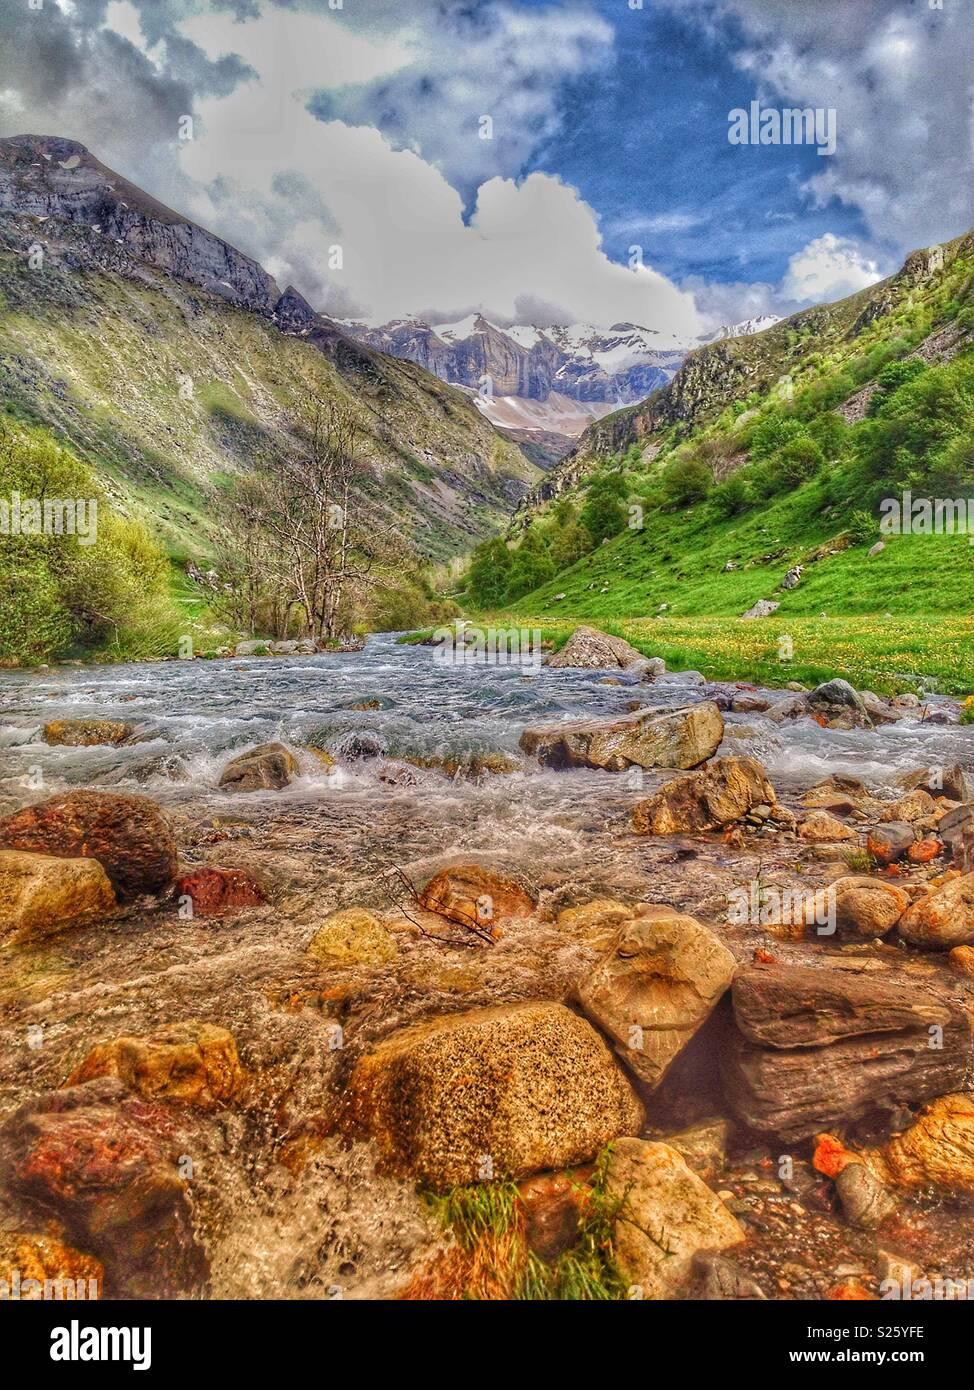 Il fiume Gave e Troumouse Circus in Hautes-Pyrenees, Occitanie Francia Immagini Stock